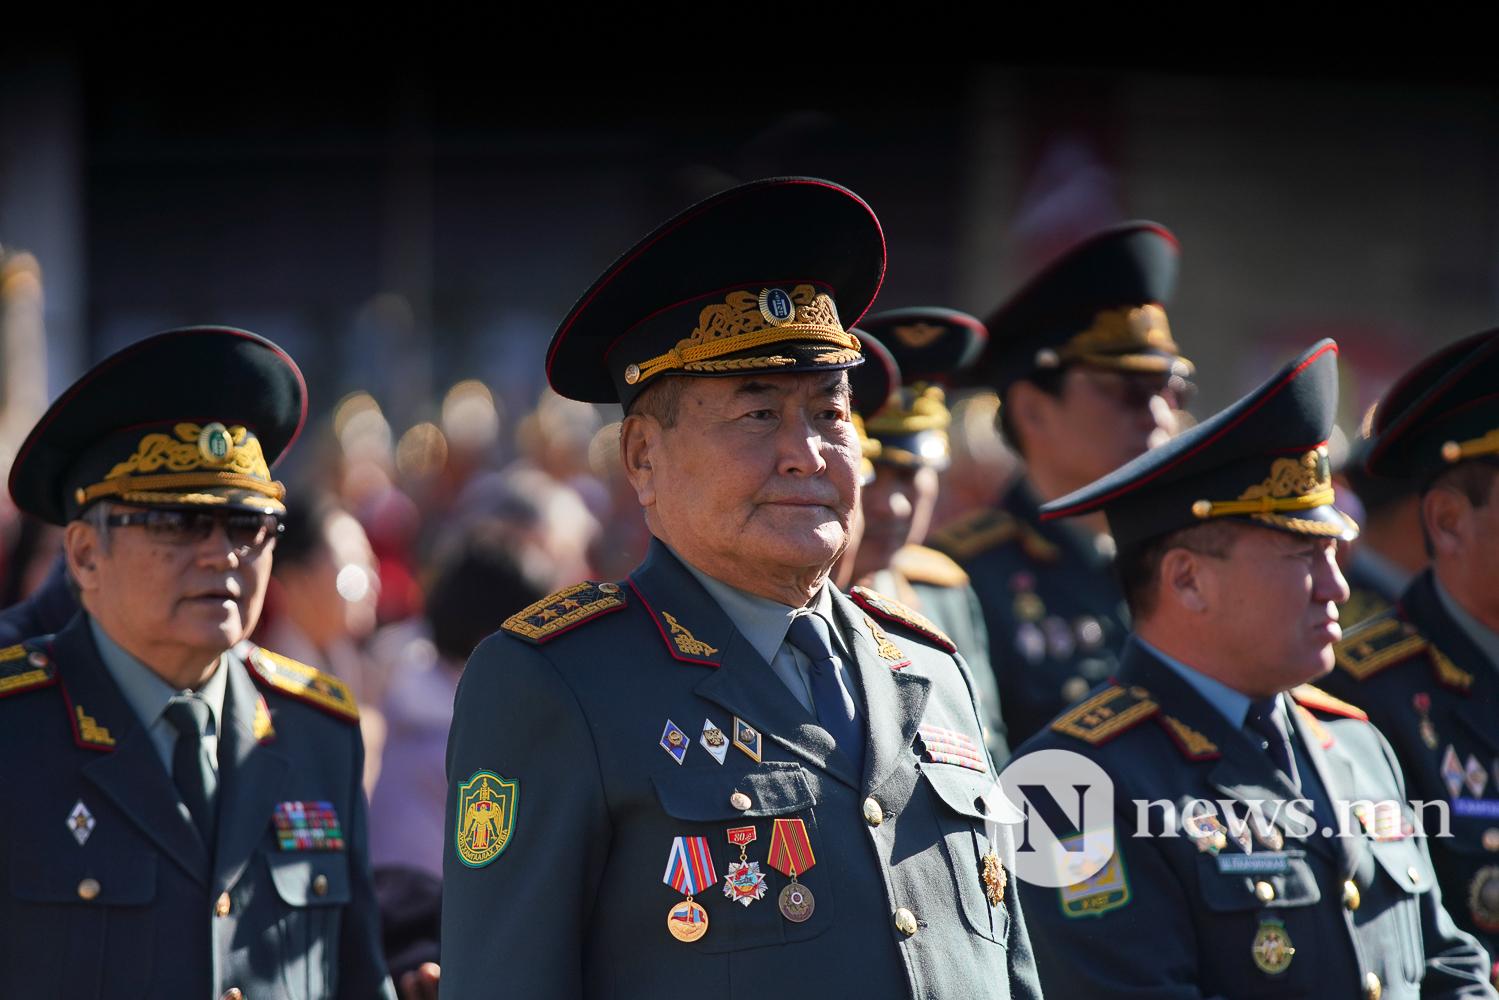 МУ-д генерал цол бий болсны 76 жилийн ойд (6 of 47)